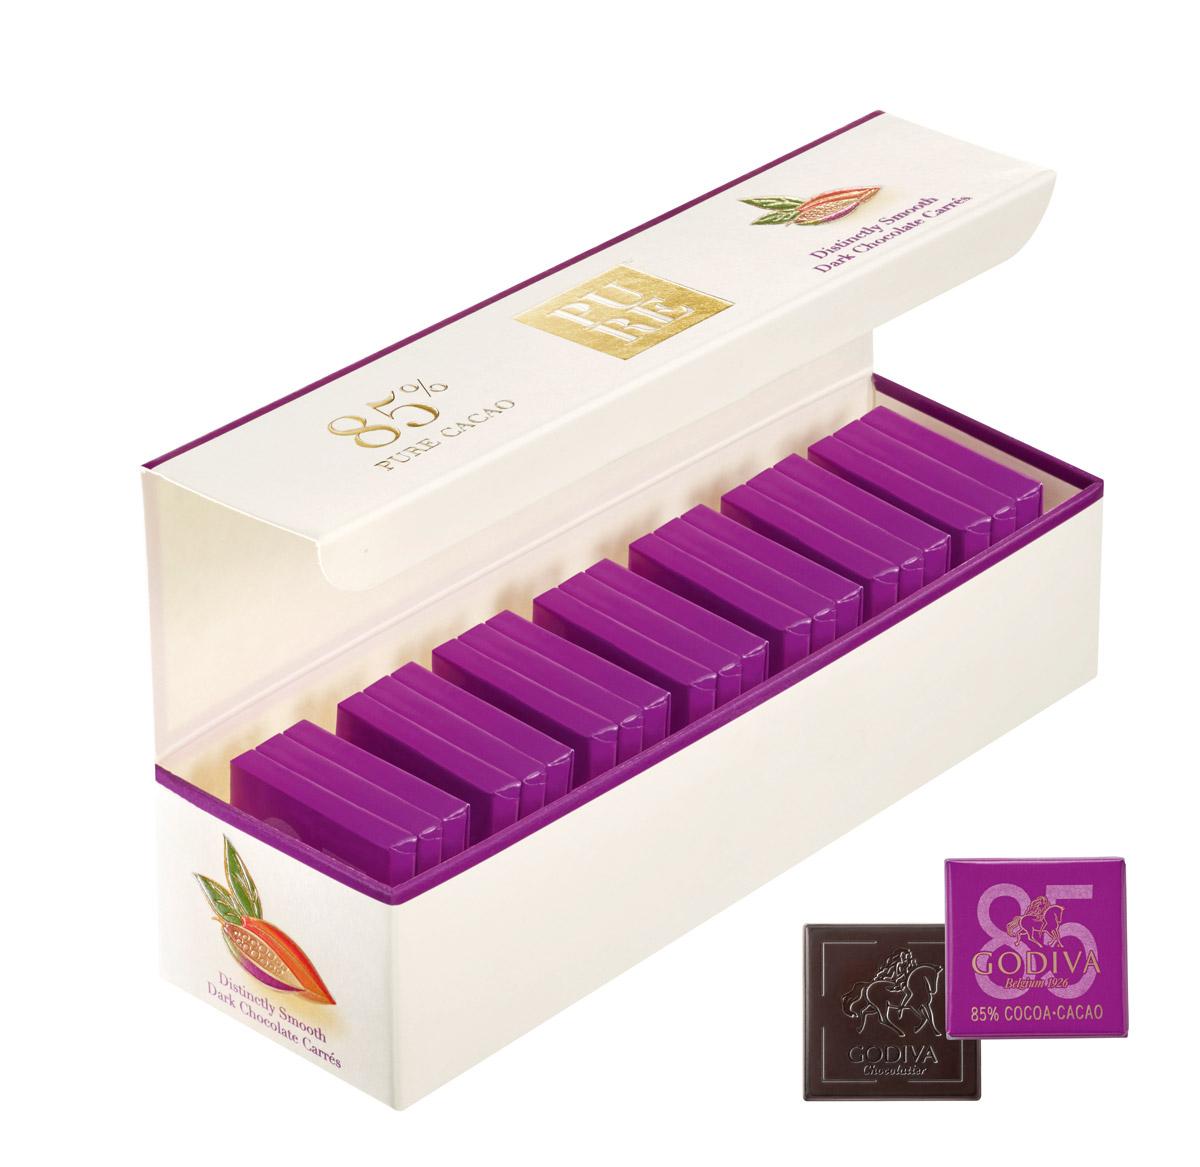 片裝濃醇85%黑巧克力禮盒21片裝。